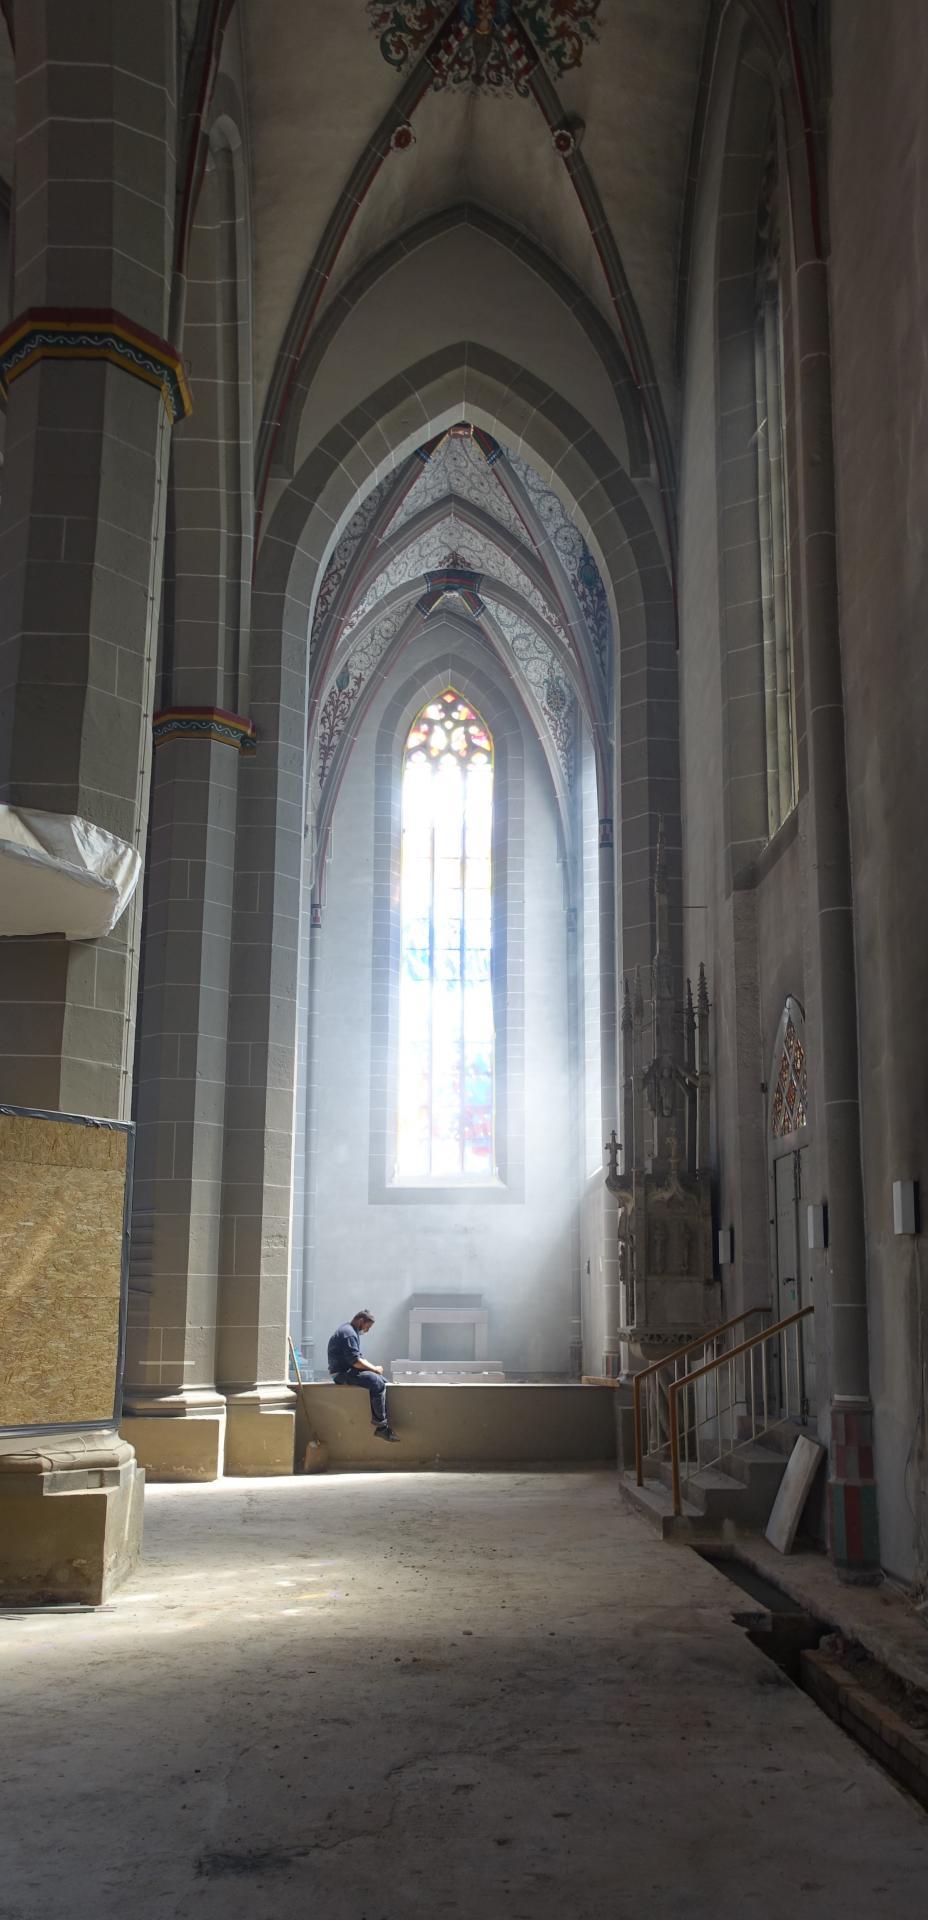 Bild 390 zeigt einen Metall-Mitarbeiter in der Pause vor der Nicolaikapelle (Kinderkirche)